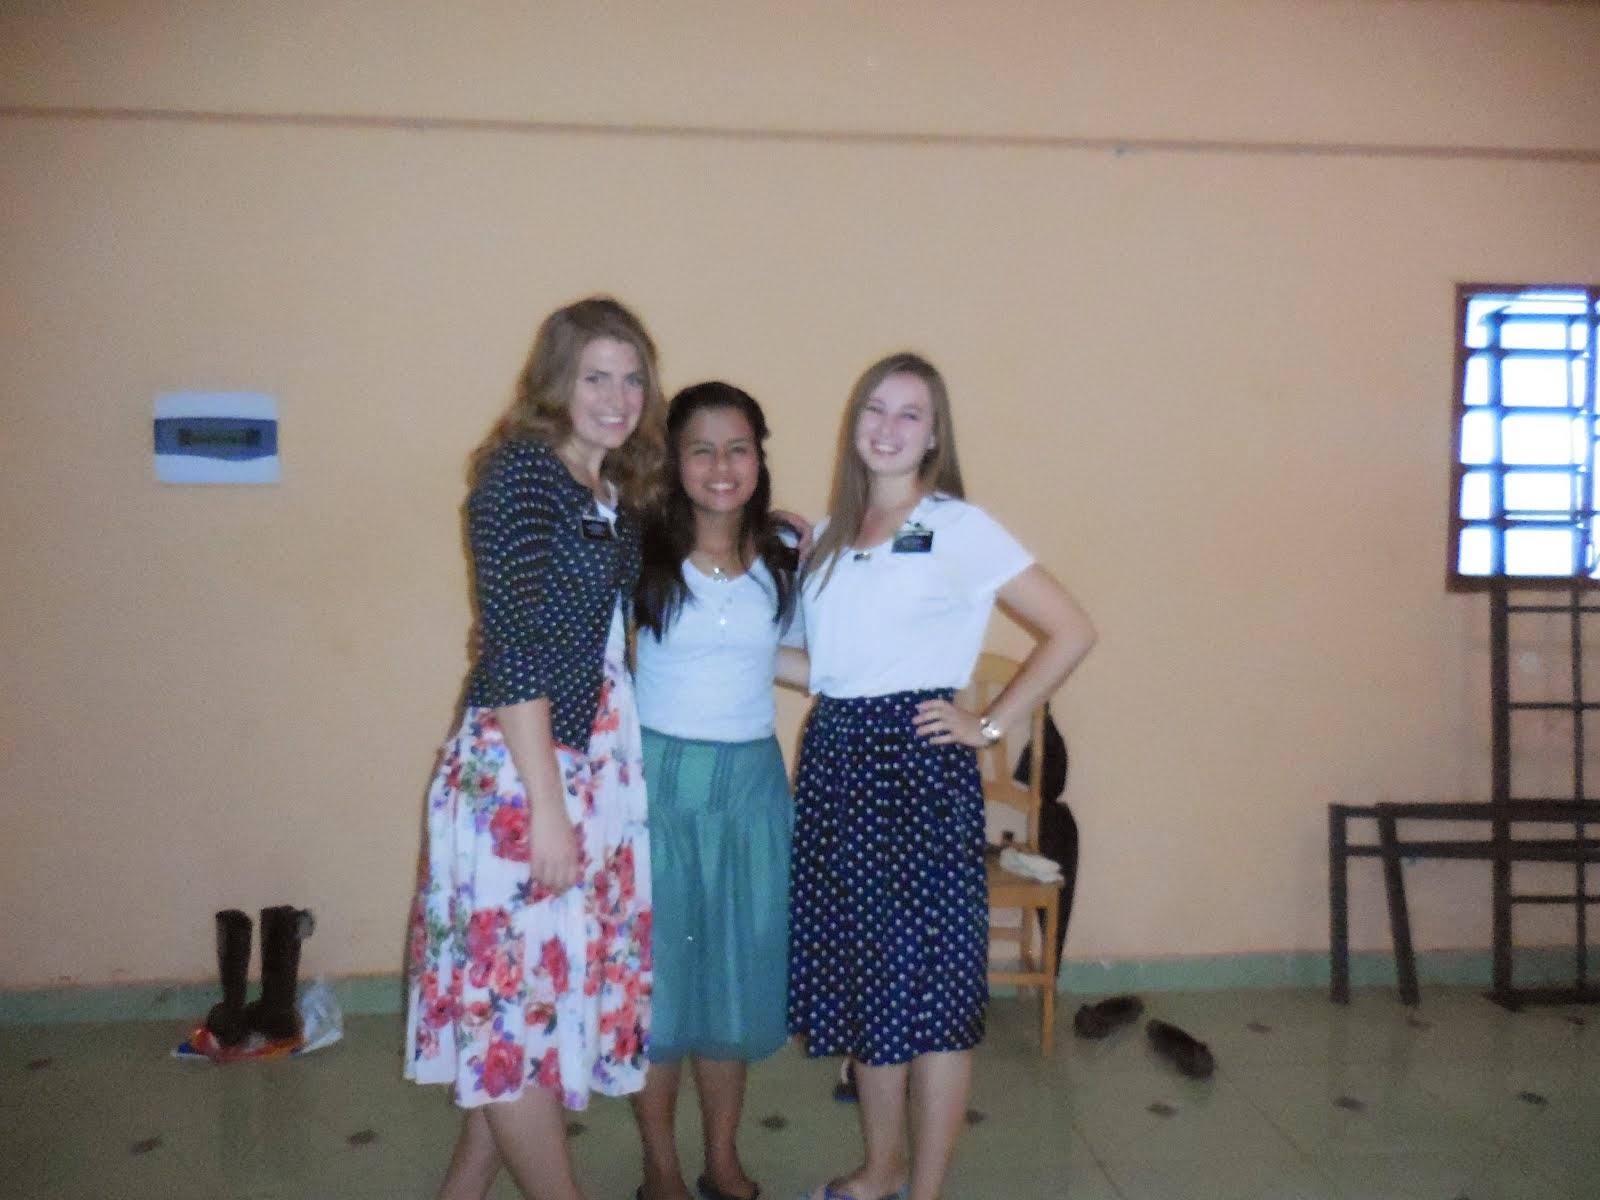 Companions #7 - Ciudad del Este, Paraguay (May 4,2015 - May 21,2015 )